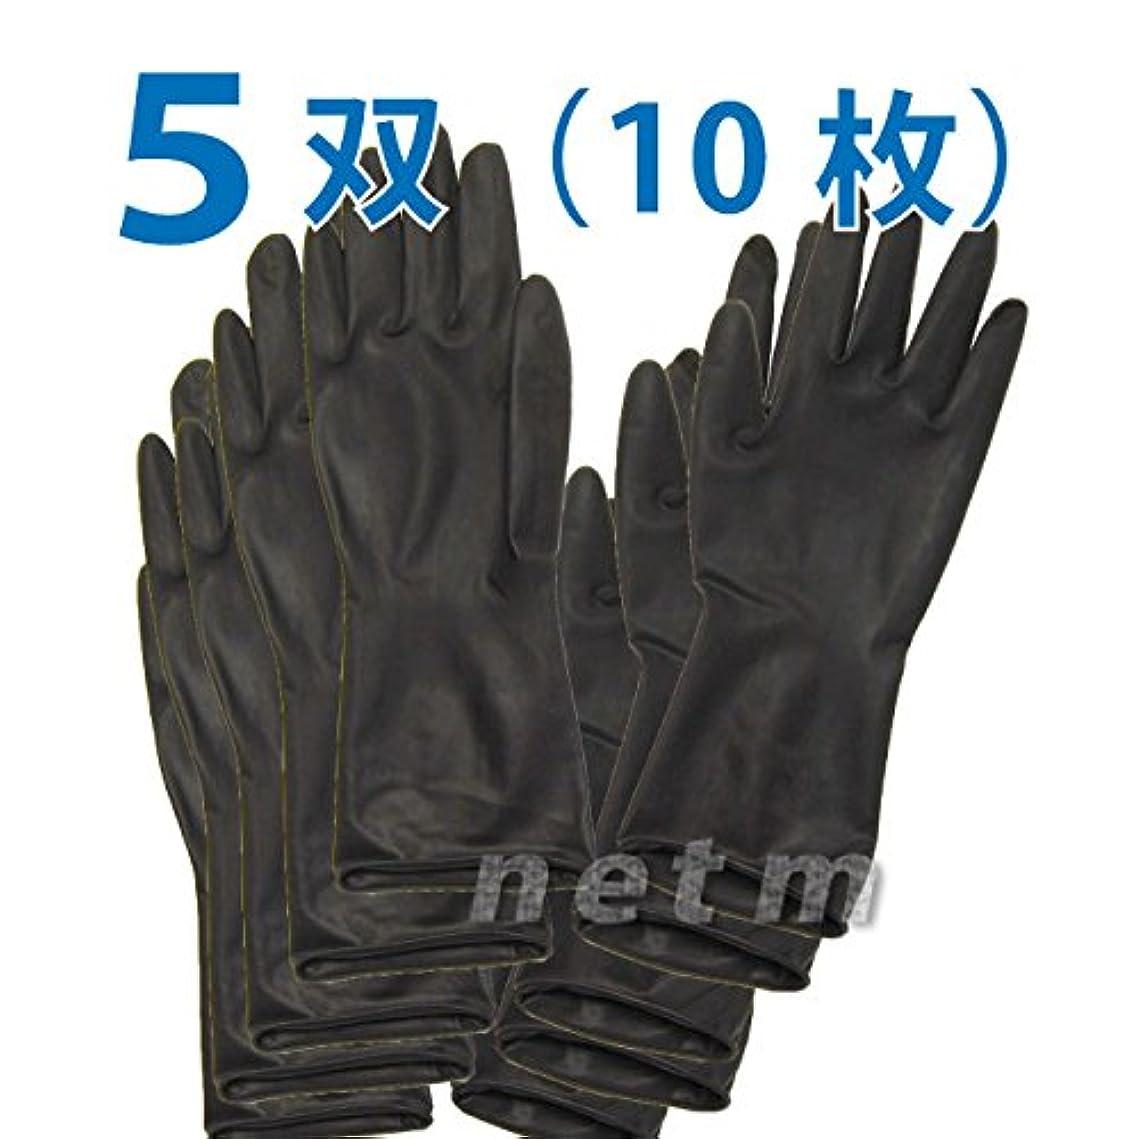 悪魔ピアニスト農民オカモト ブラックグローブ ロングタイプ Mサイズ  5双(10枚)